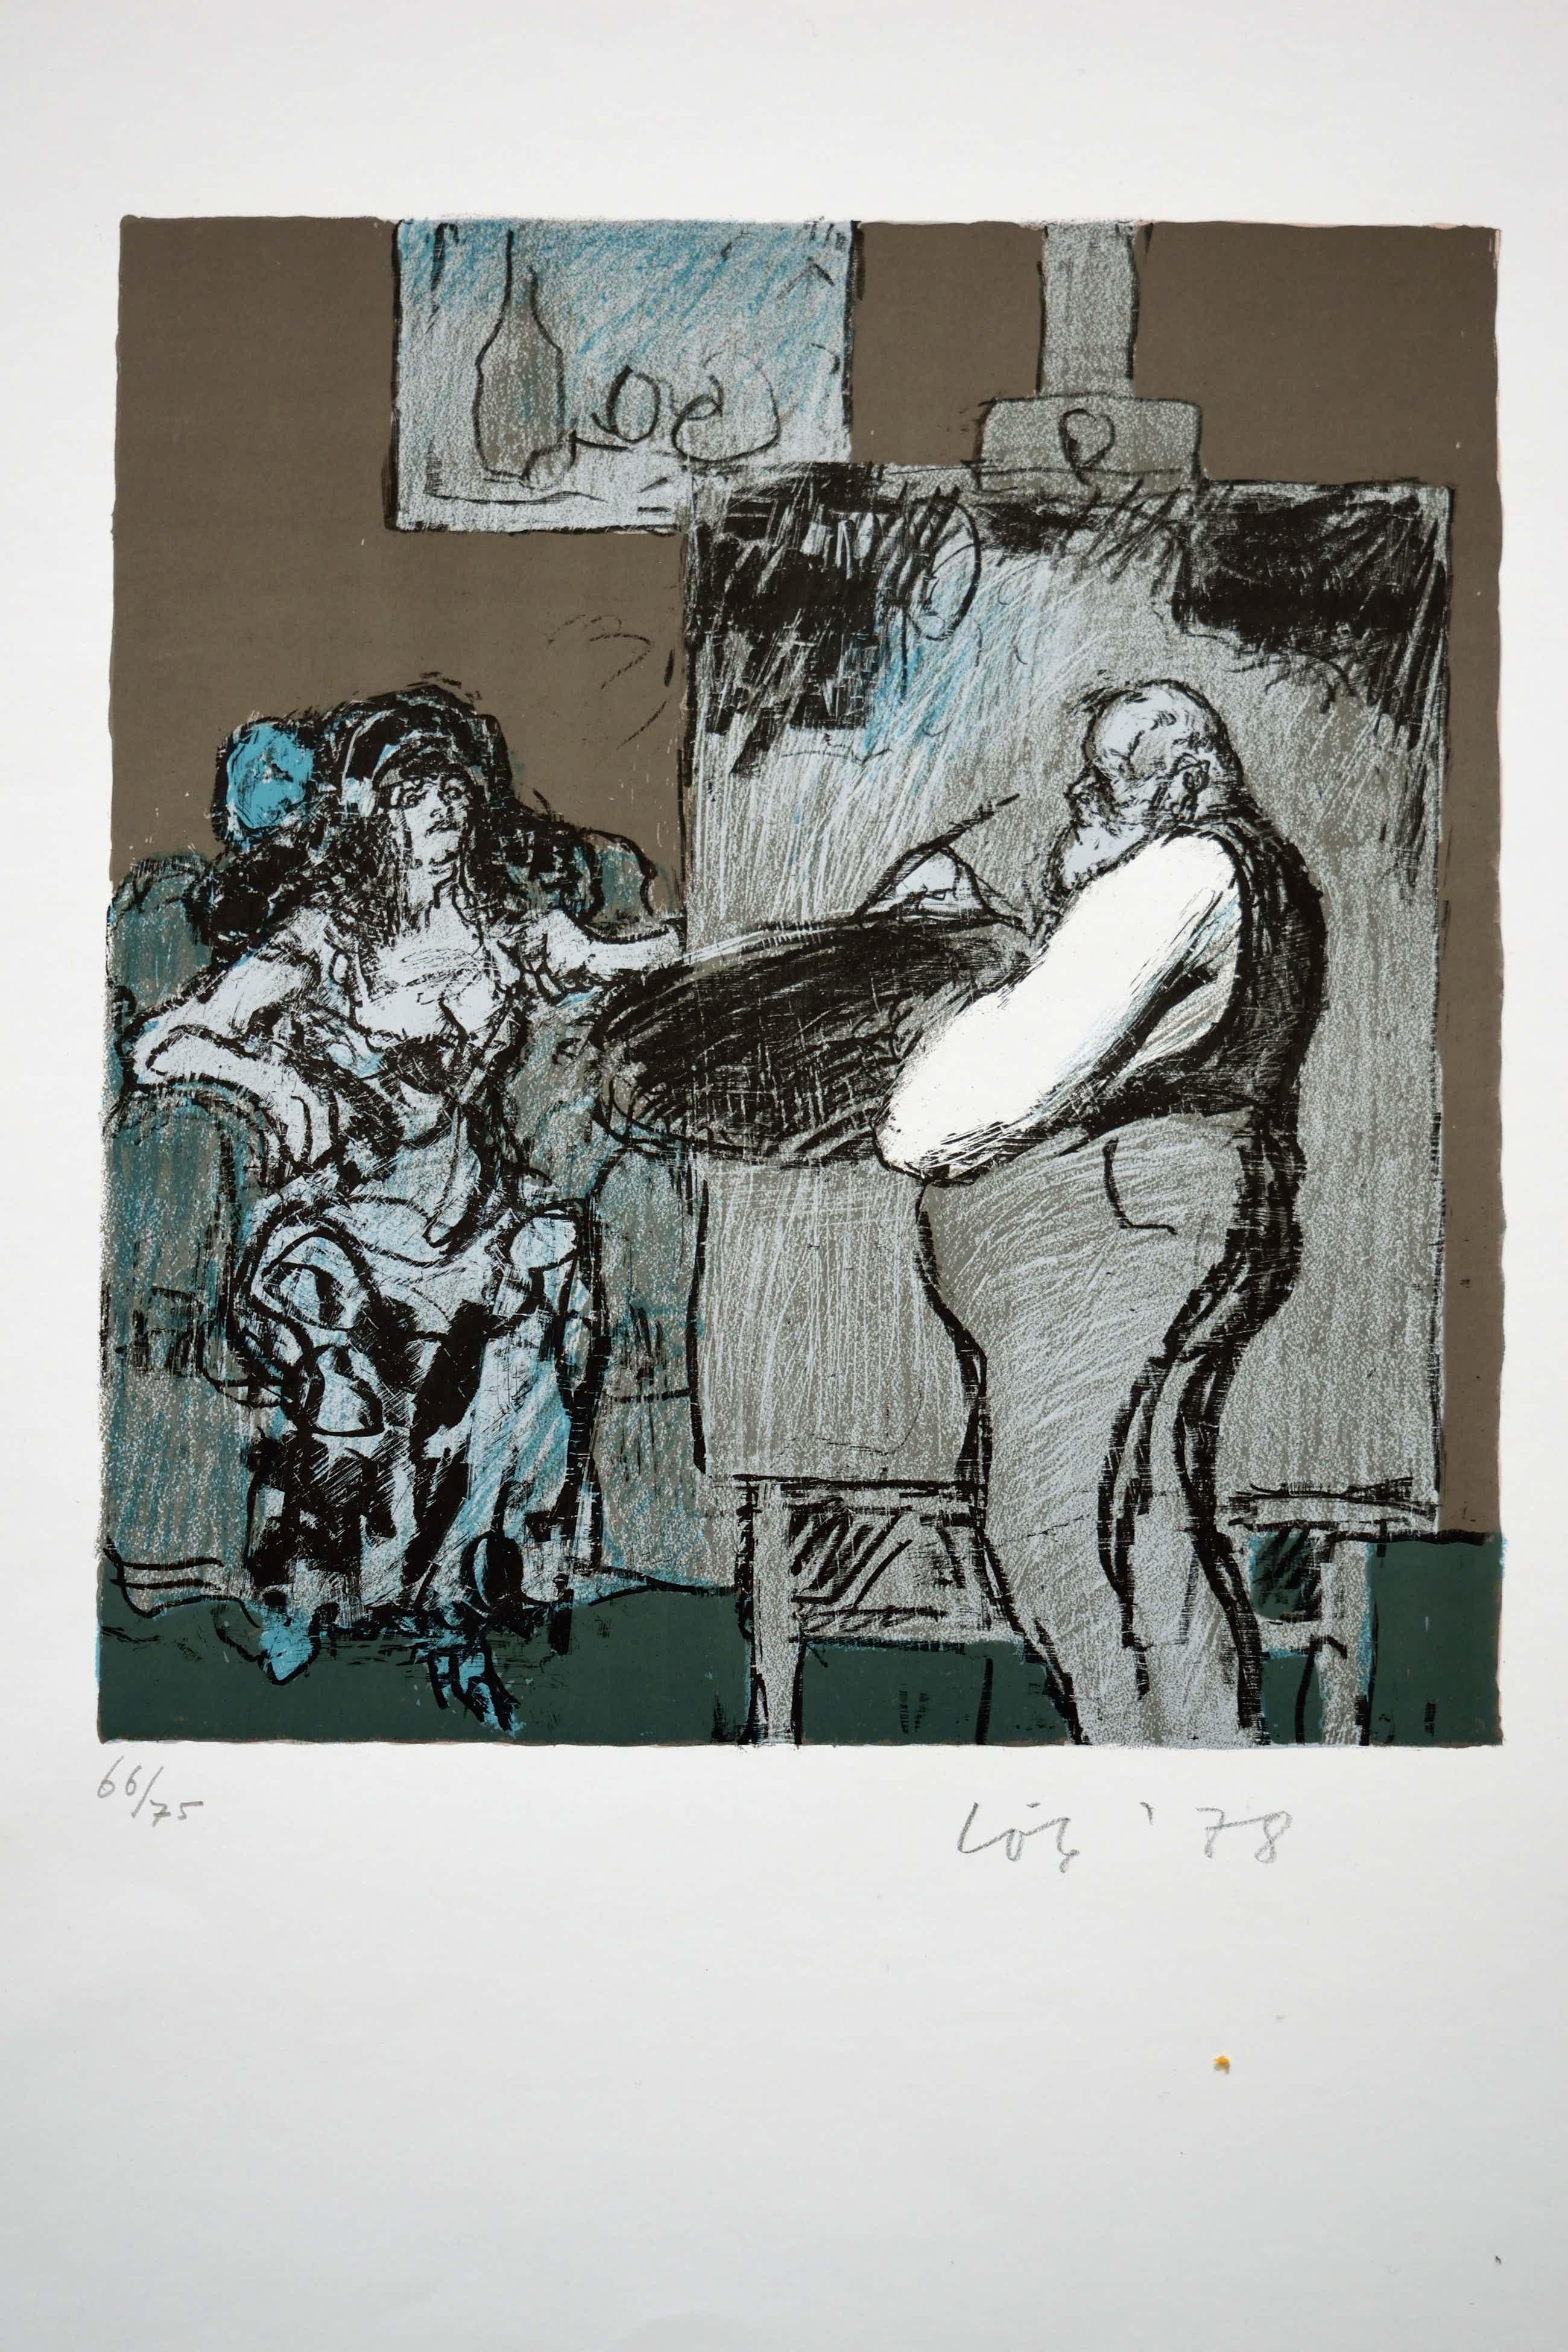 Kurt Lob - Litho - Zelfportret als schilder en zijn model kopen? Bied vanaf 75!